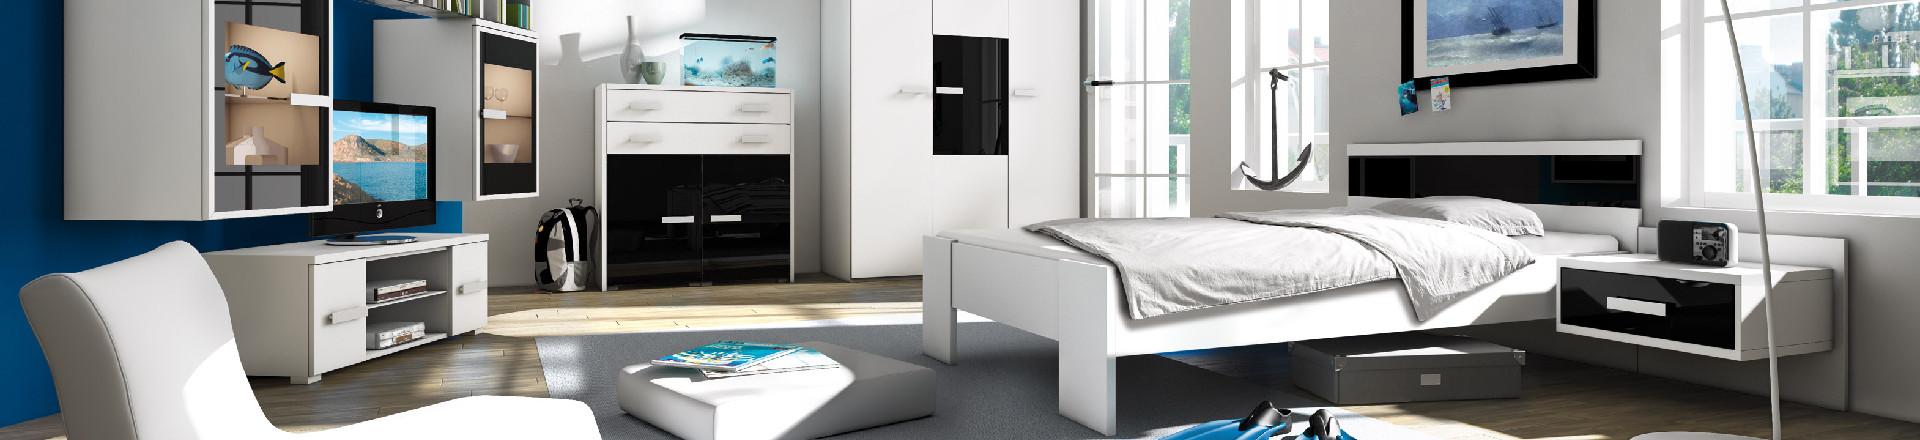 Jugendzimmer dekorieren beste inspiration f r ihr for Wohnzimmertisch neu gestalten